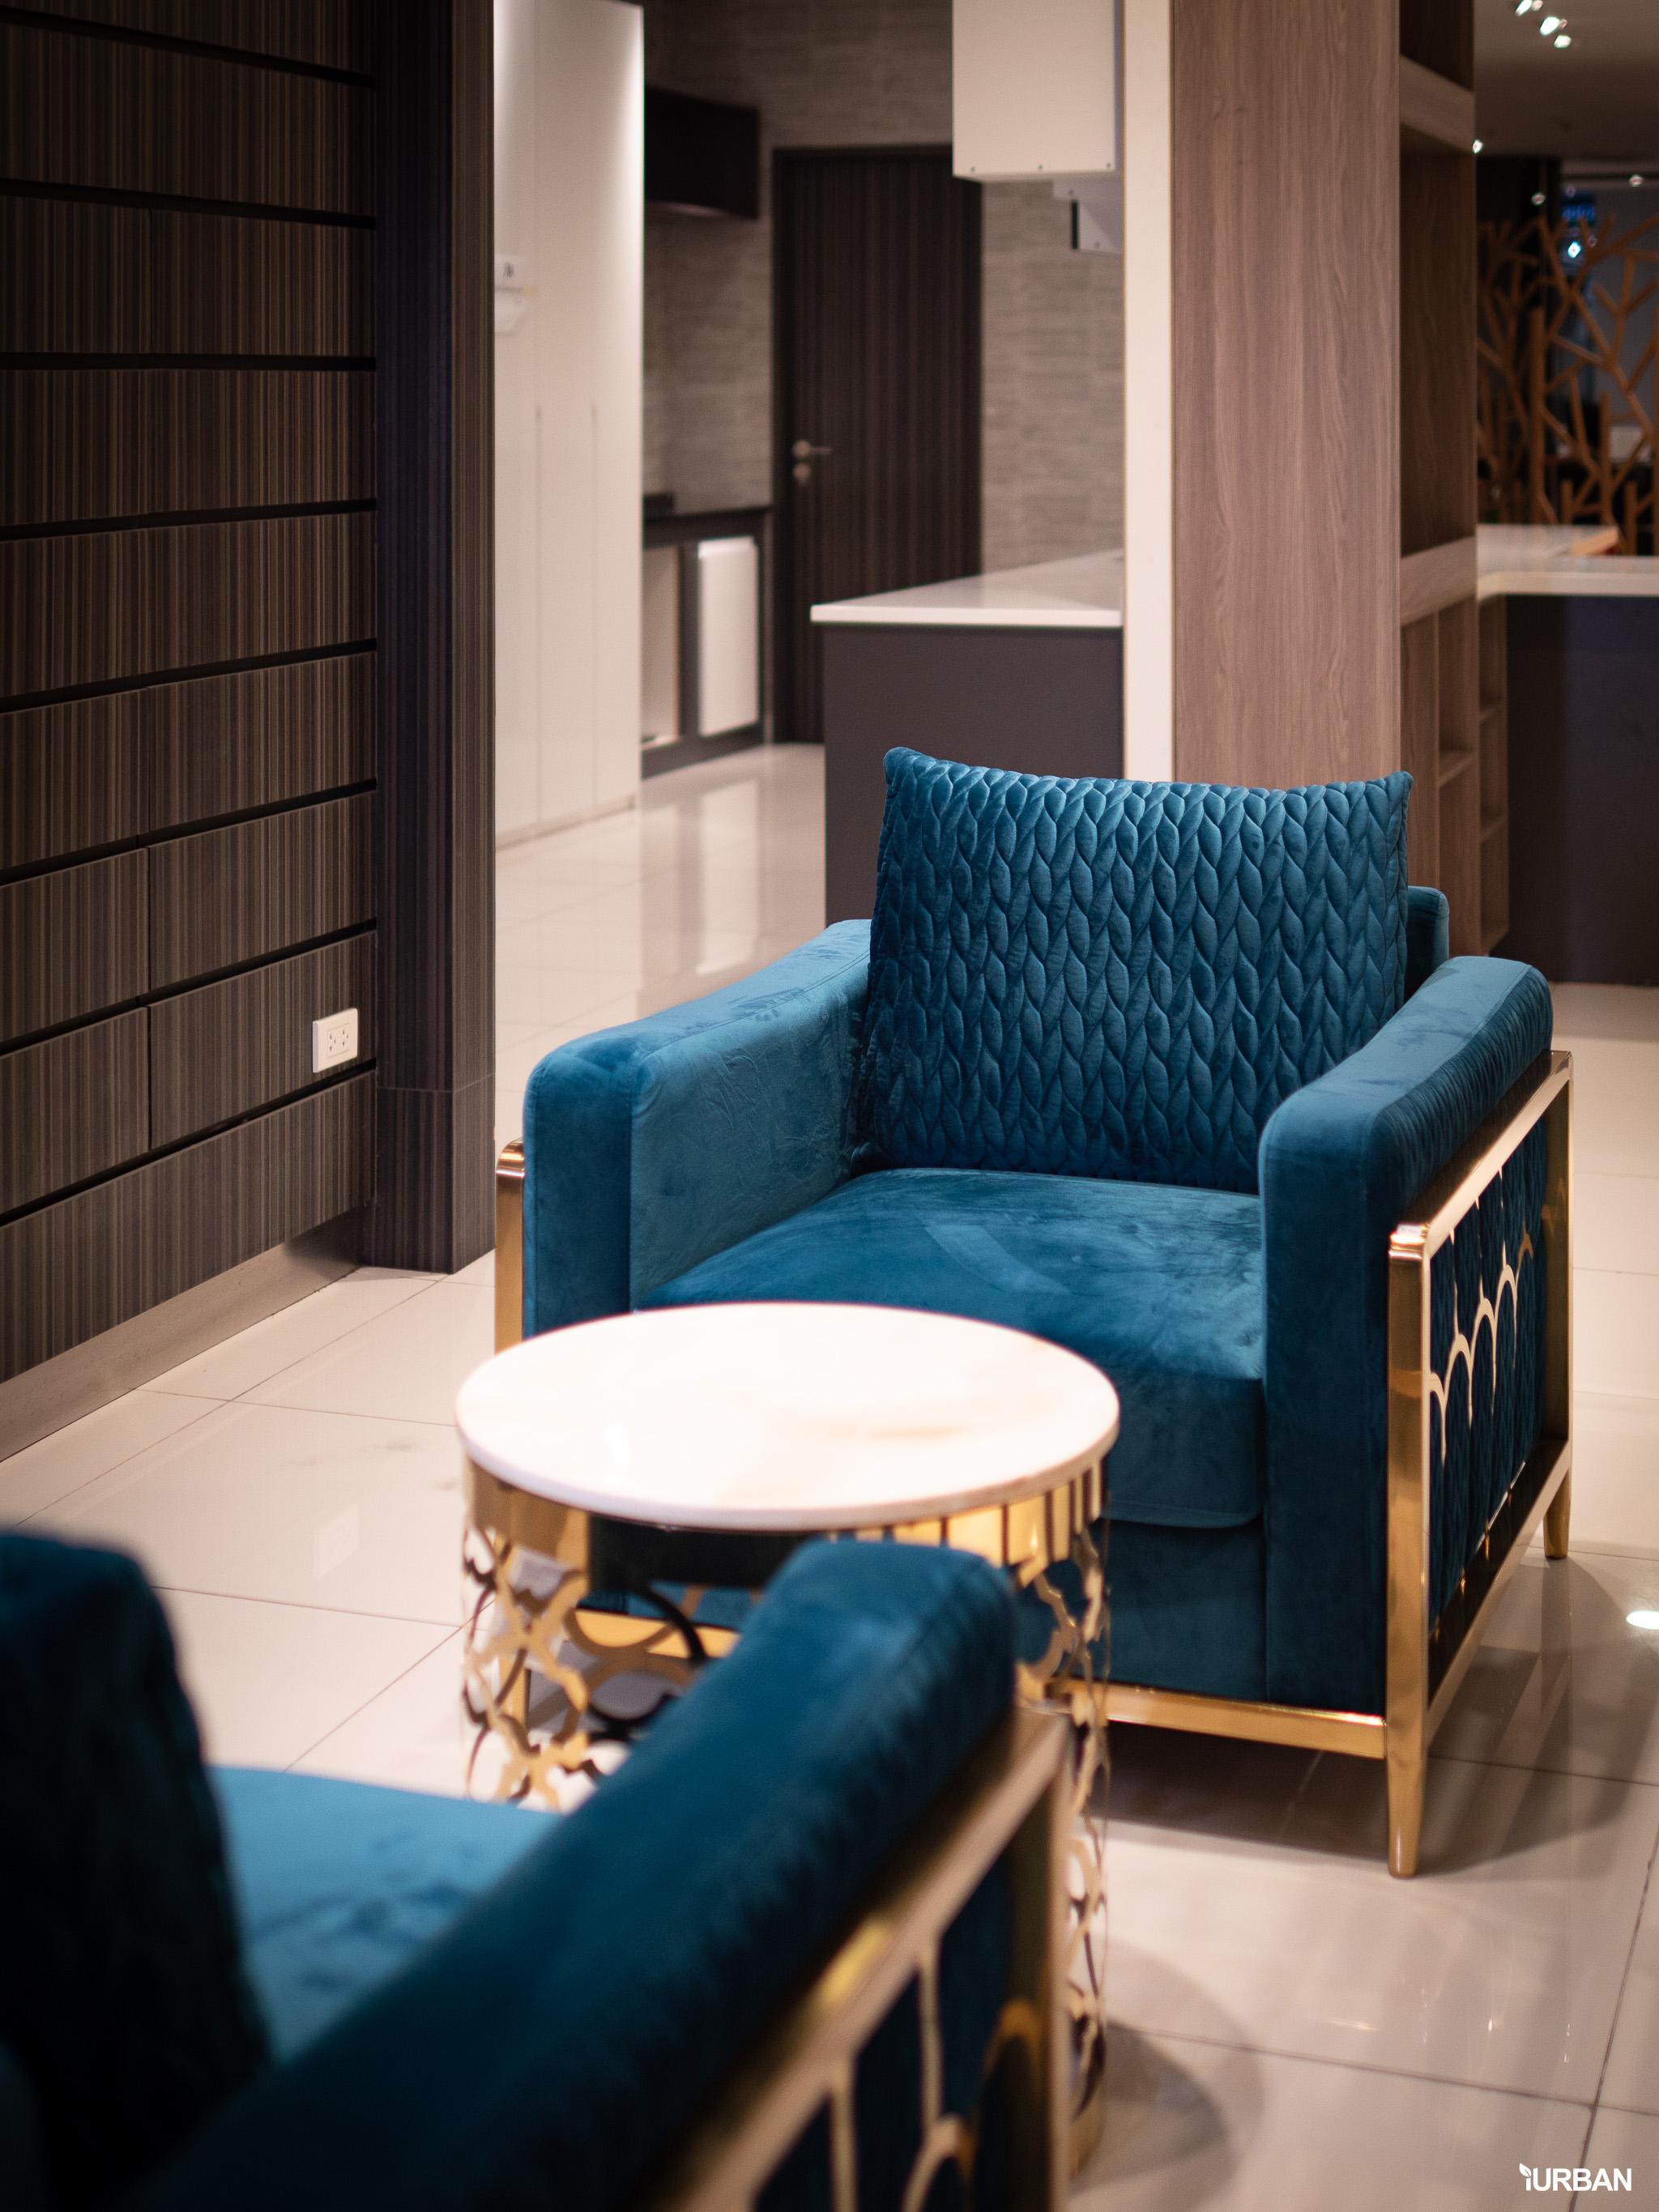 """10 ของแต่งบ้านสวยจาก """"ดีไซน์เนอร์ไทย"""" โซนใหม่ FURNITURE PARADISE ที่พาราไดซ์ พาร์ค 61 - decor"""